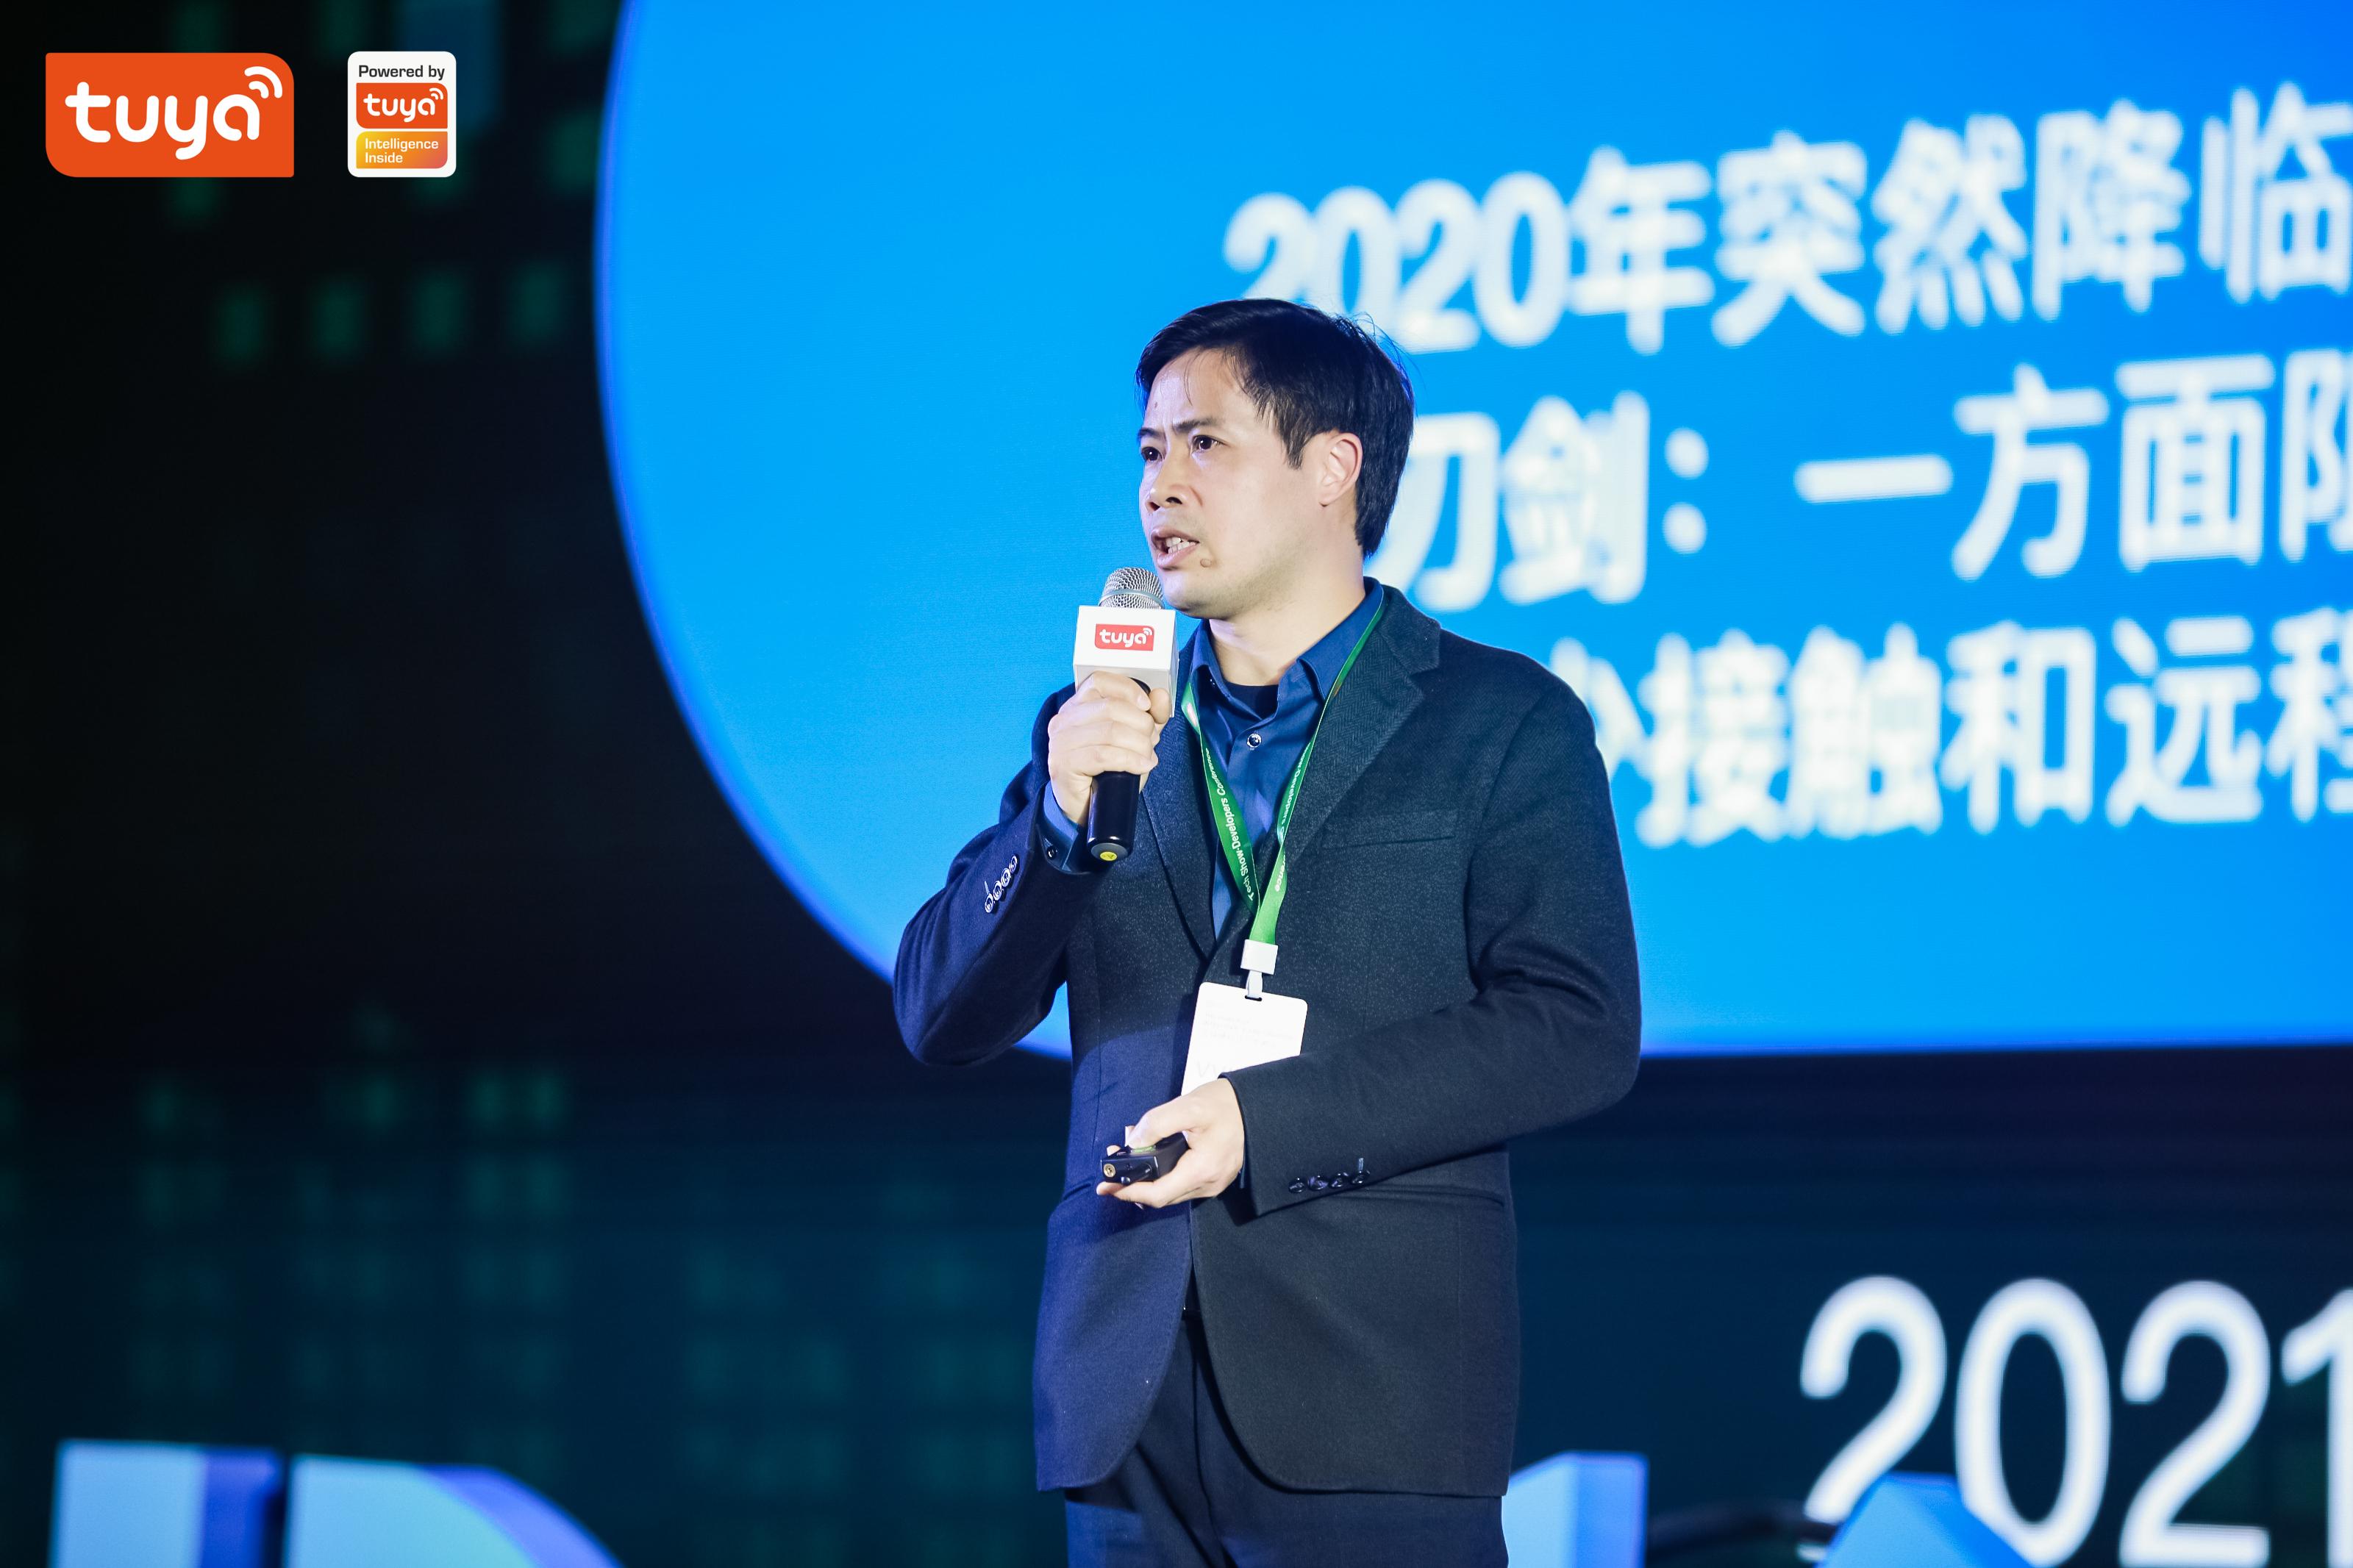 全球硬科技开发者大会(广州)正式召开,开发者齐聚共商制造业转型升级